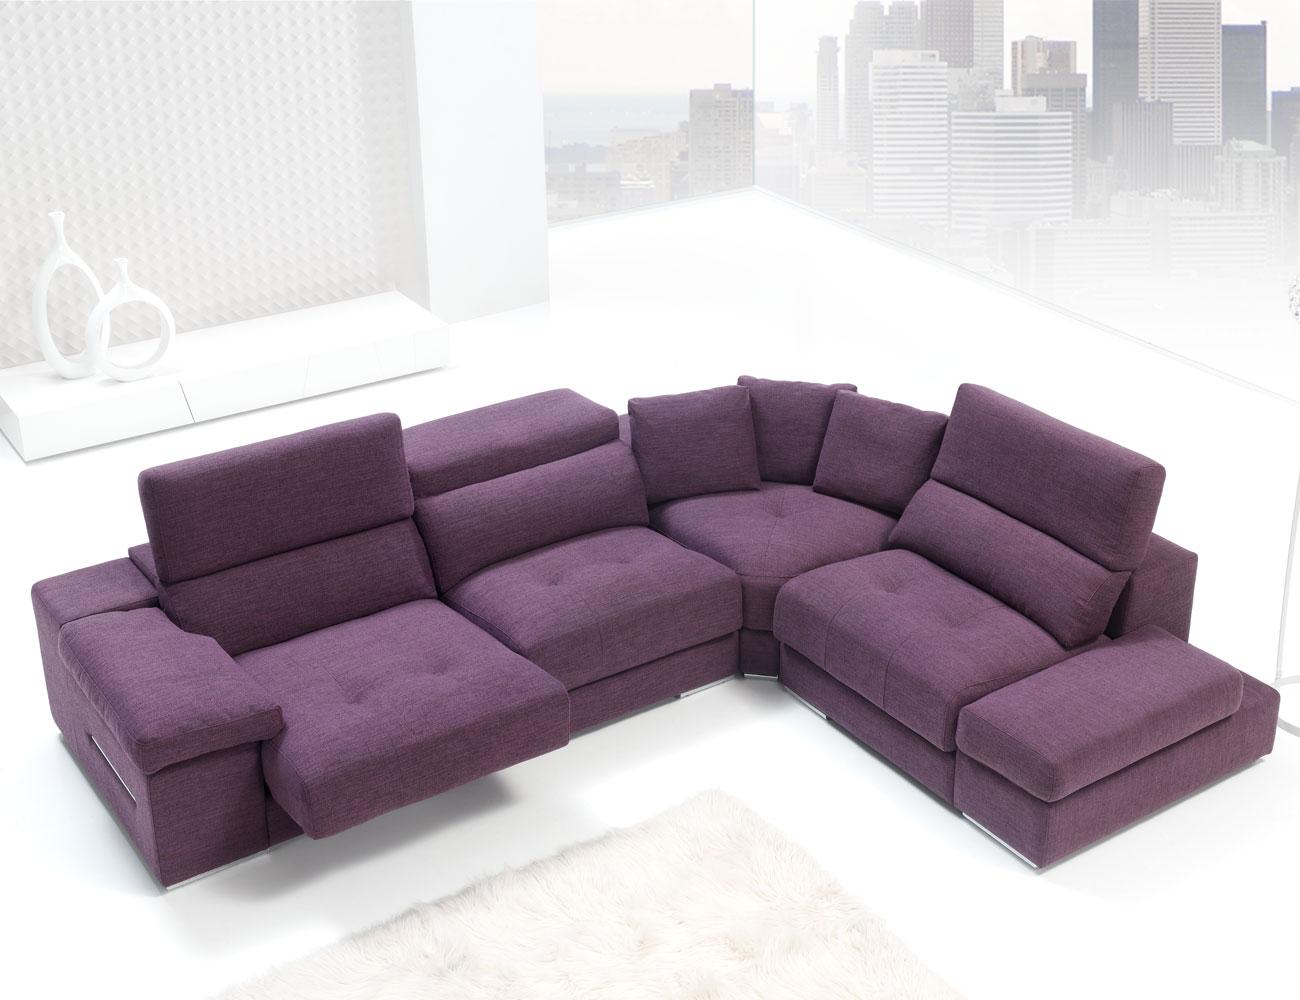 Sofa chaiselongue rincon con brazo mecanico tejido anti manchas 248